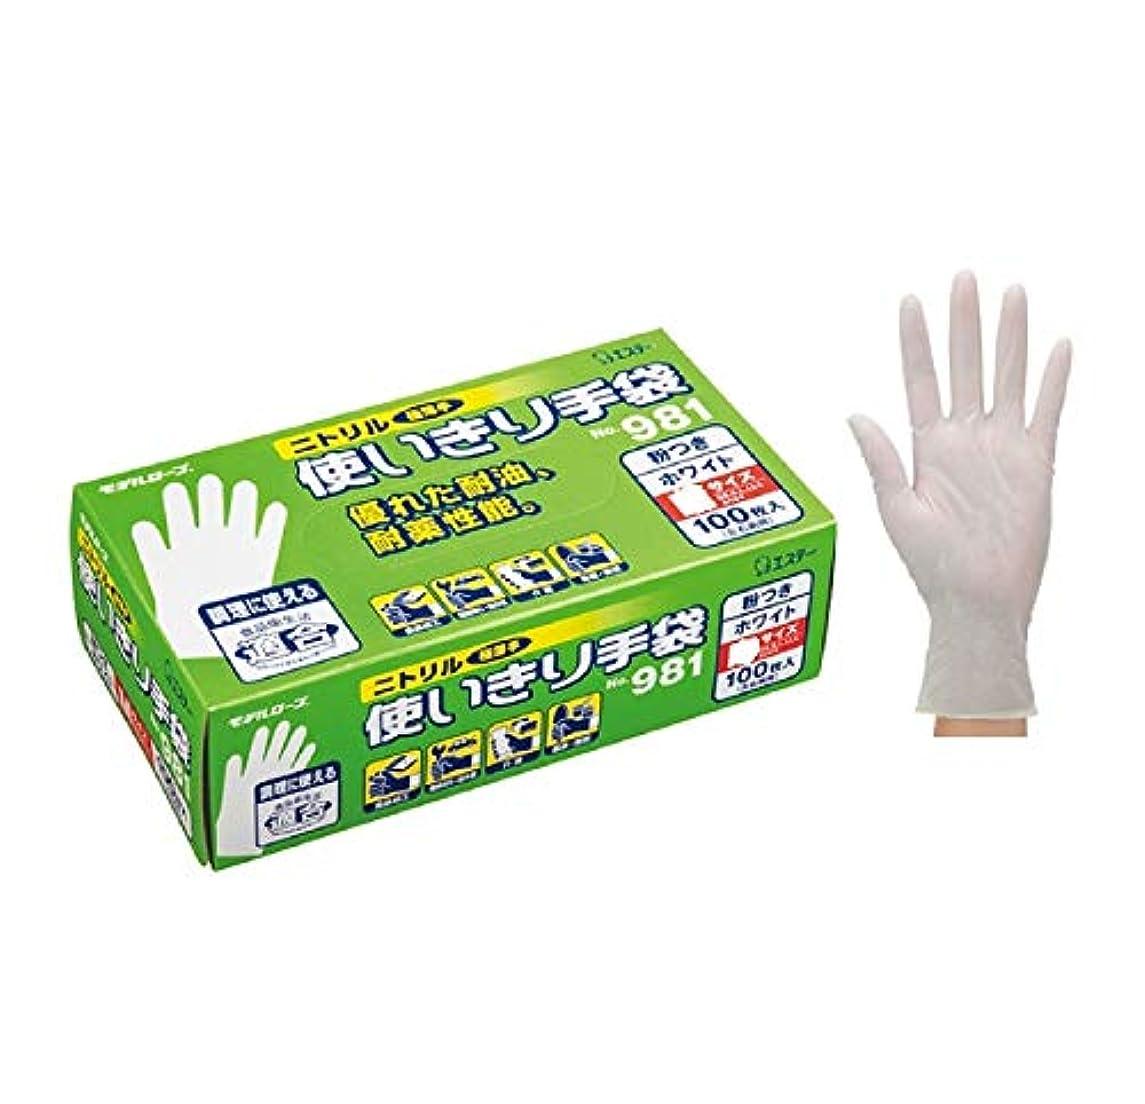 より良いホームレス彼自身インテリア 日用雑貨 掃除用品 ニトリル手袋 粉付 No981 S 12箱